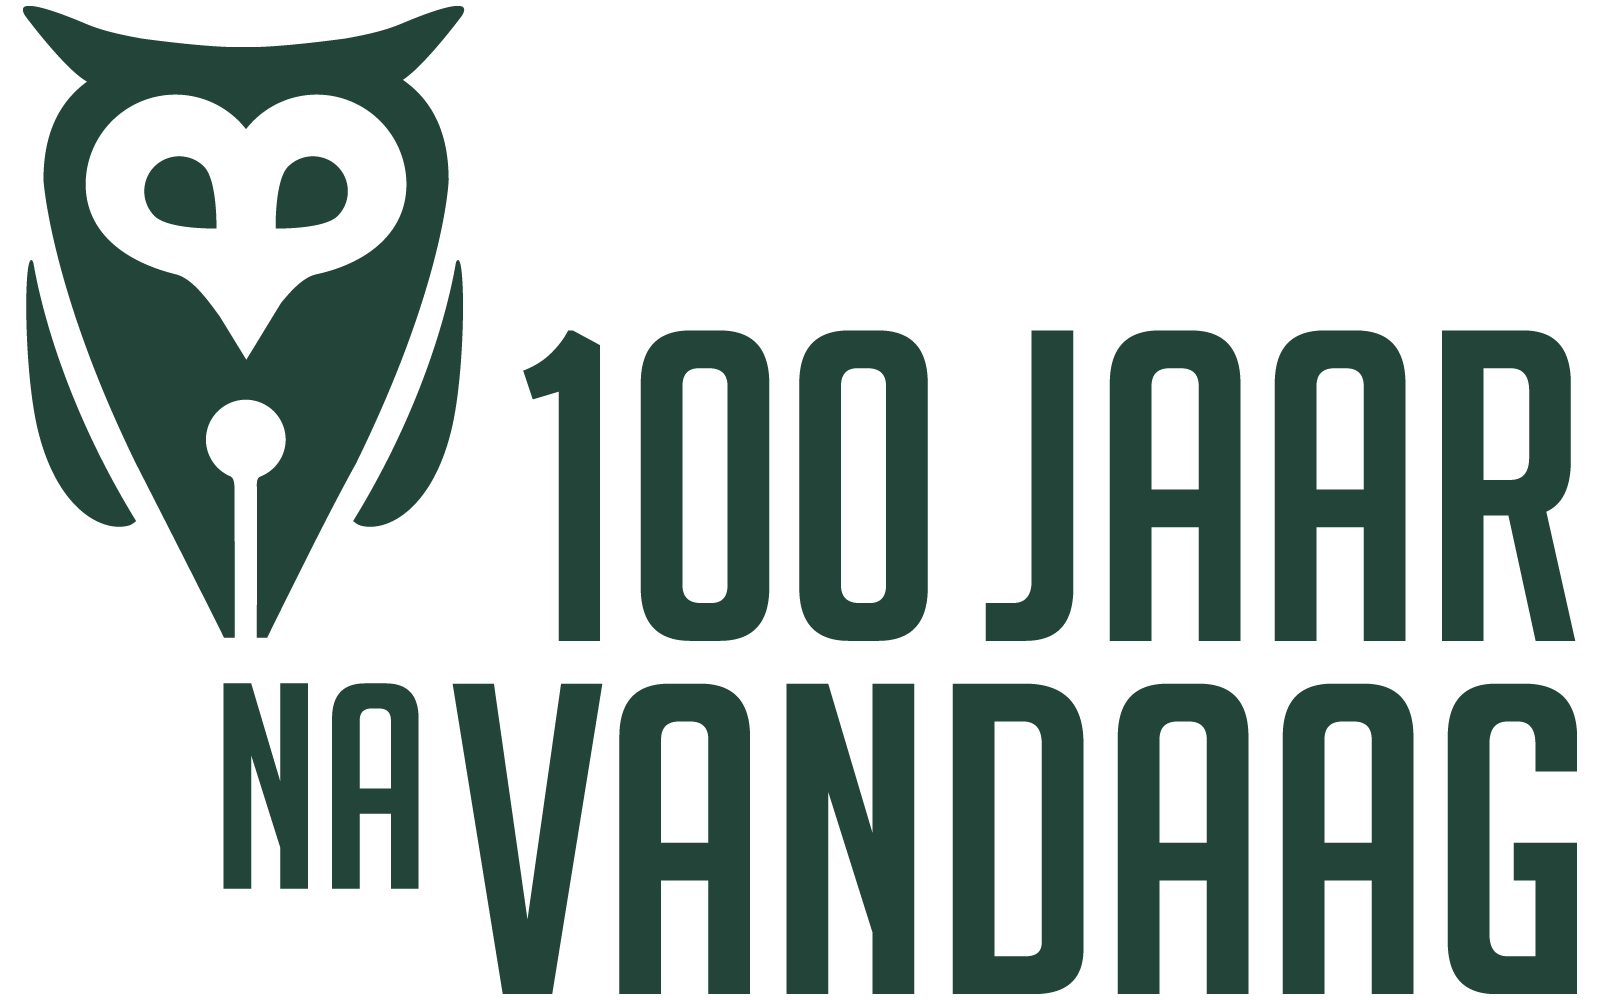 100 jaar na vandaag | Schrijfweken in Spanje